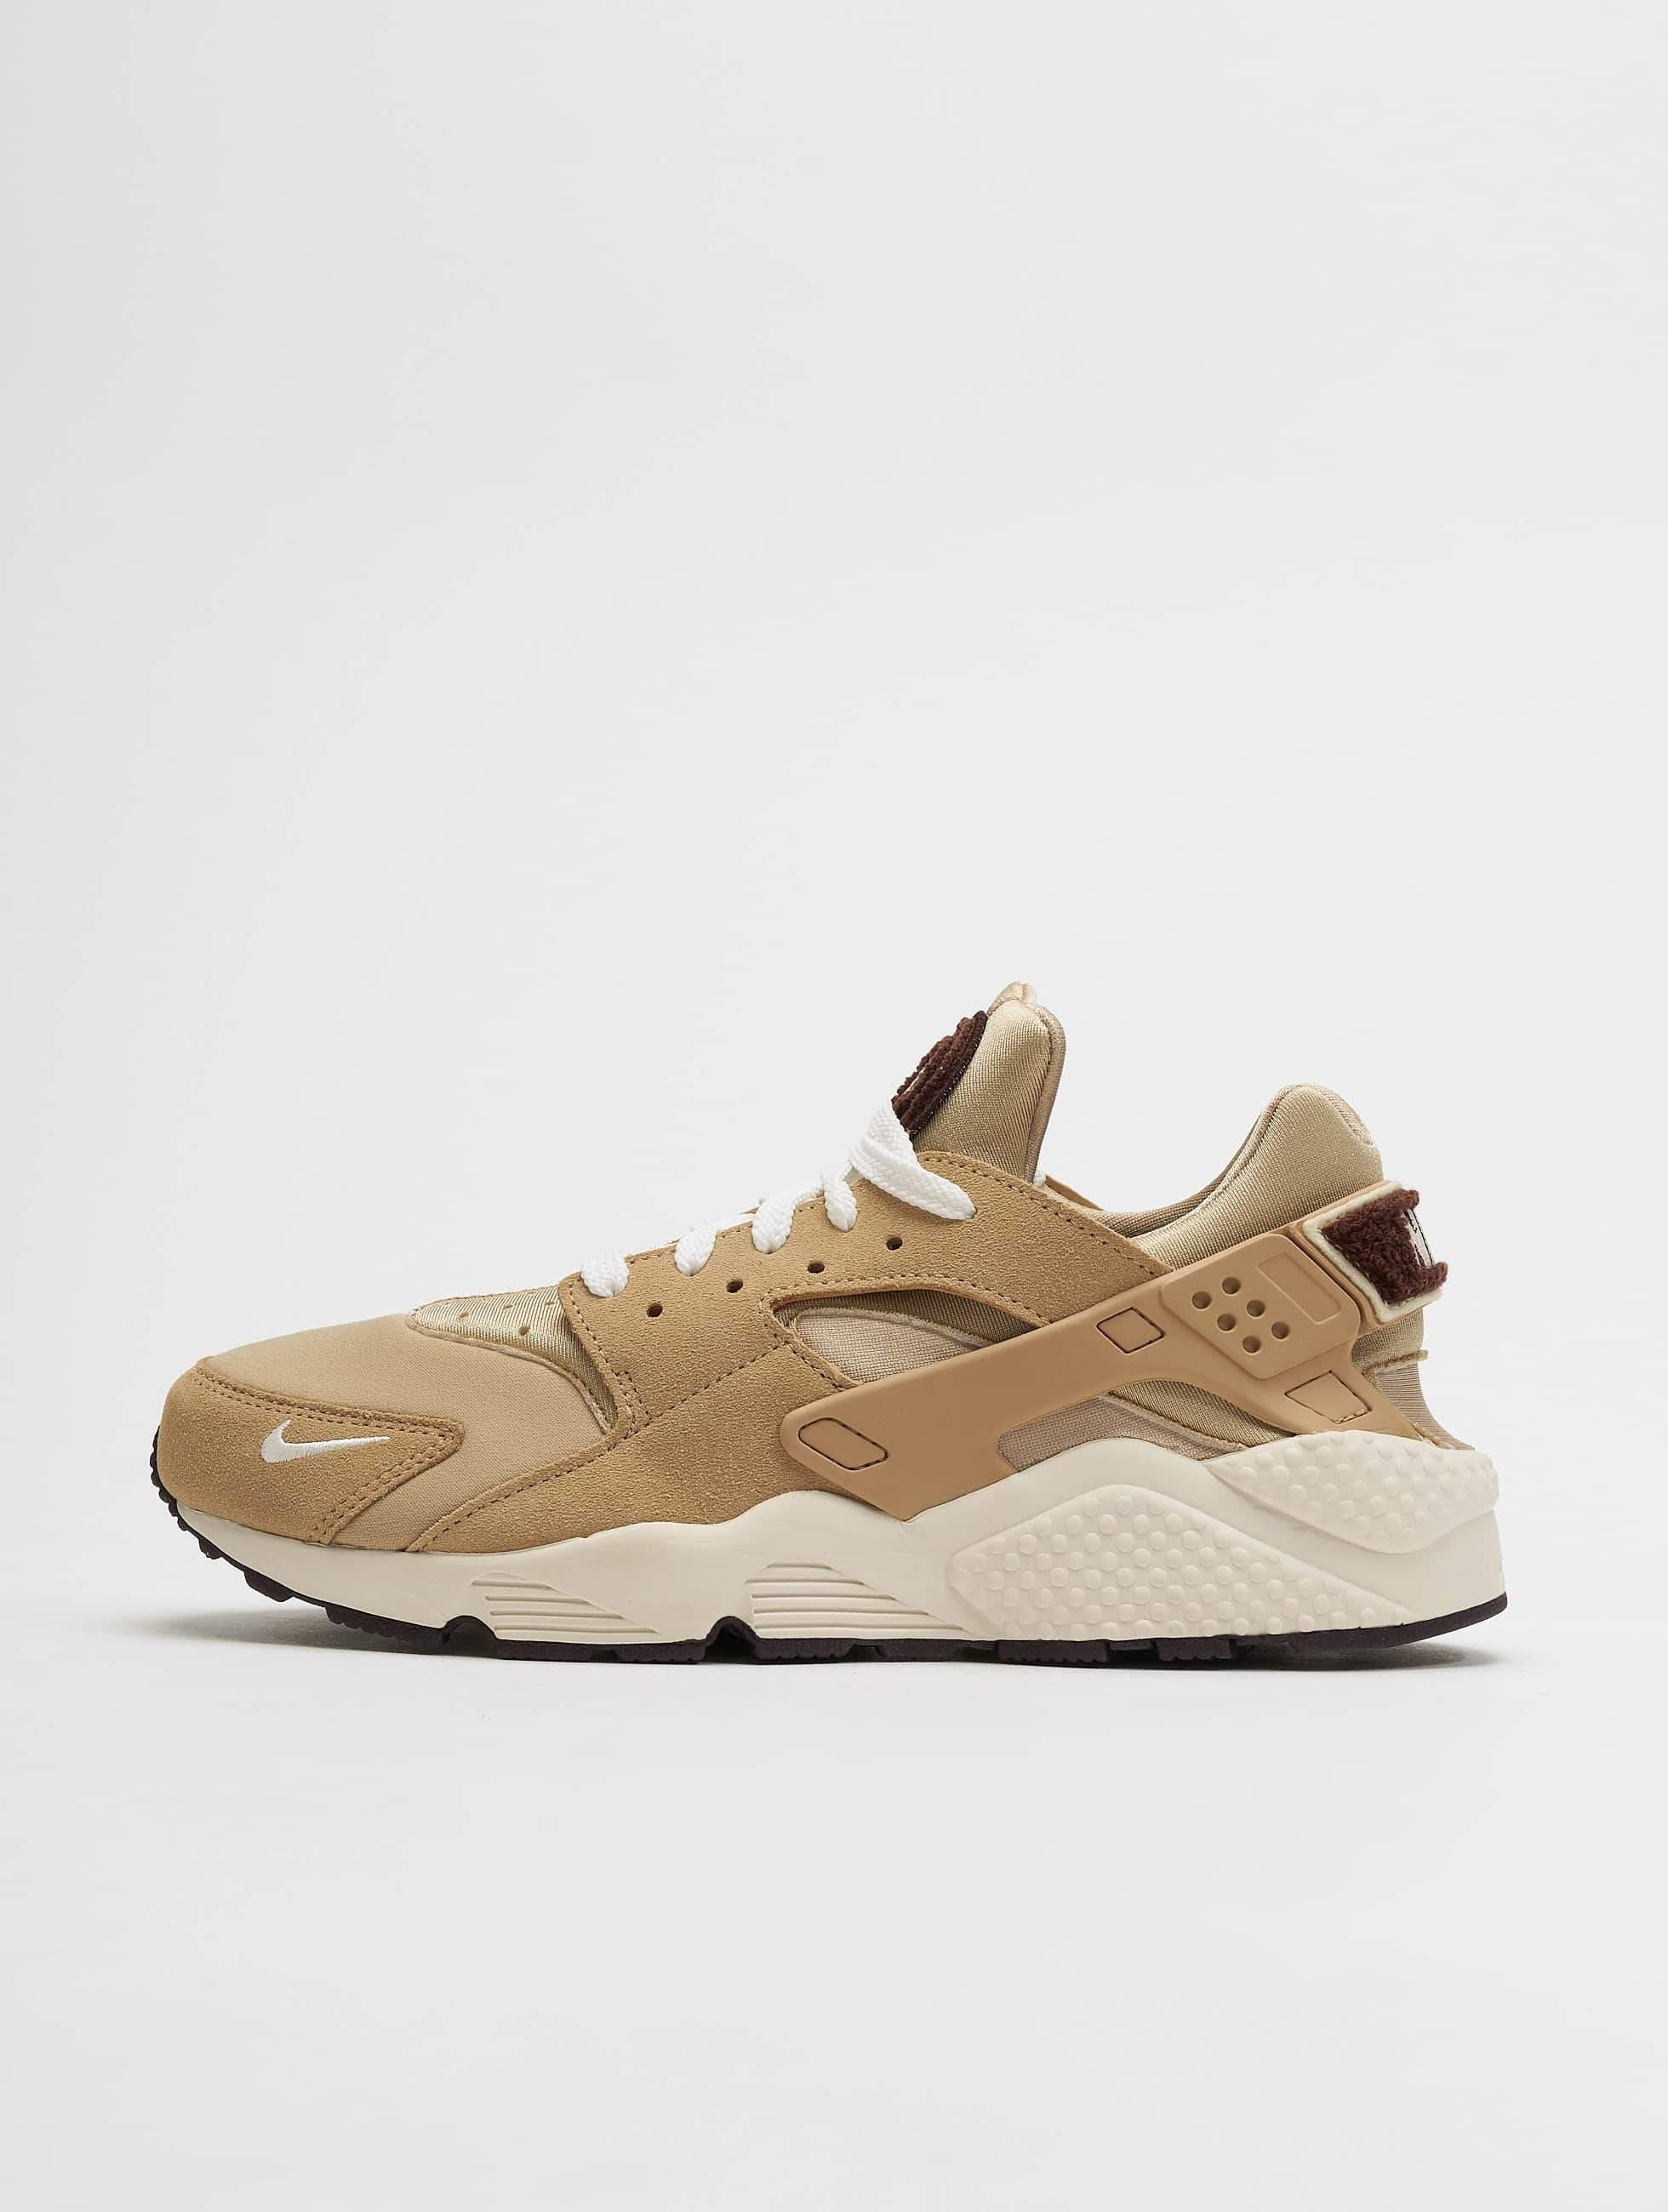 af813d91e13 Nike schoen / sneaker Air Huarache Run in beige 536031